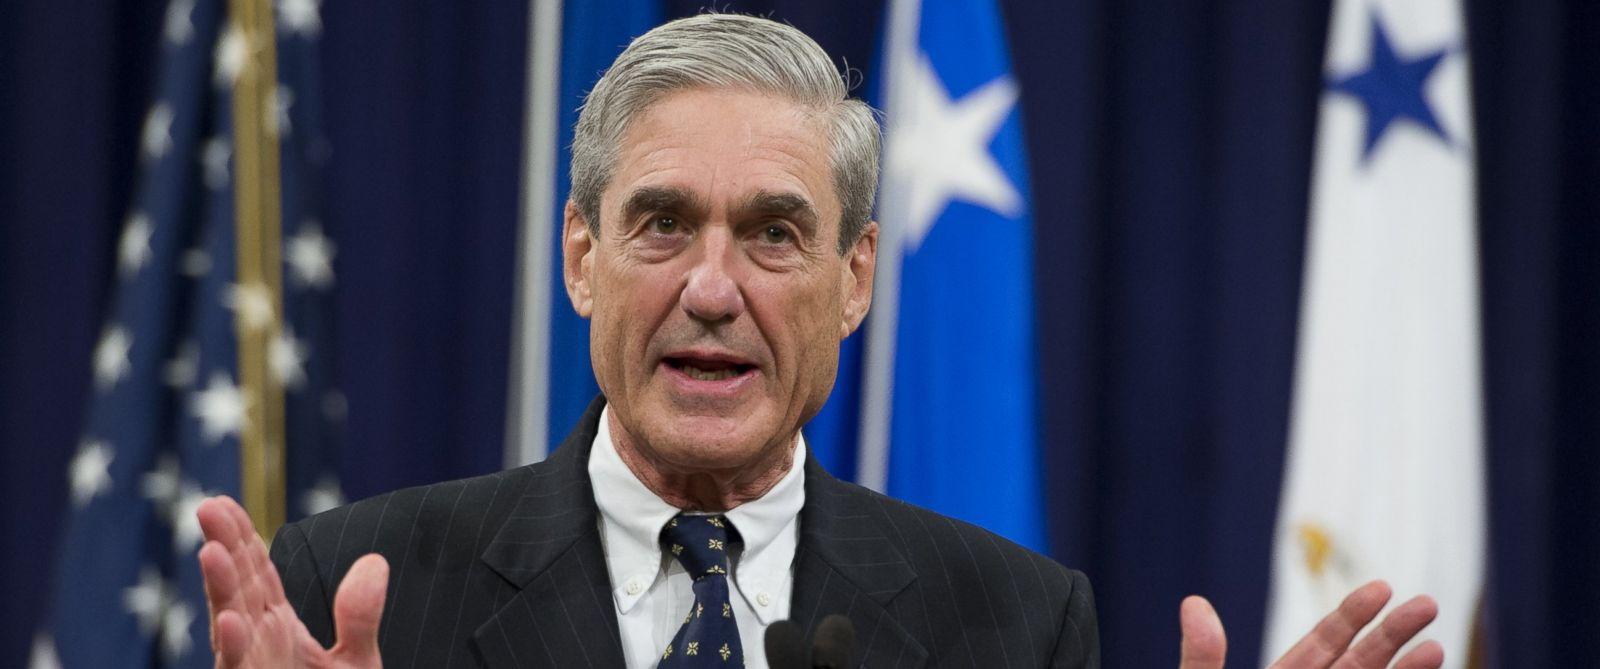 GTY-Mueller-jrl-170517_12x5_1600_1495059259516.jpg